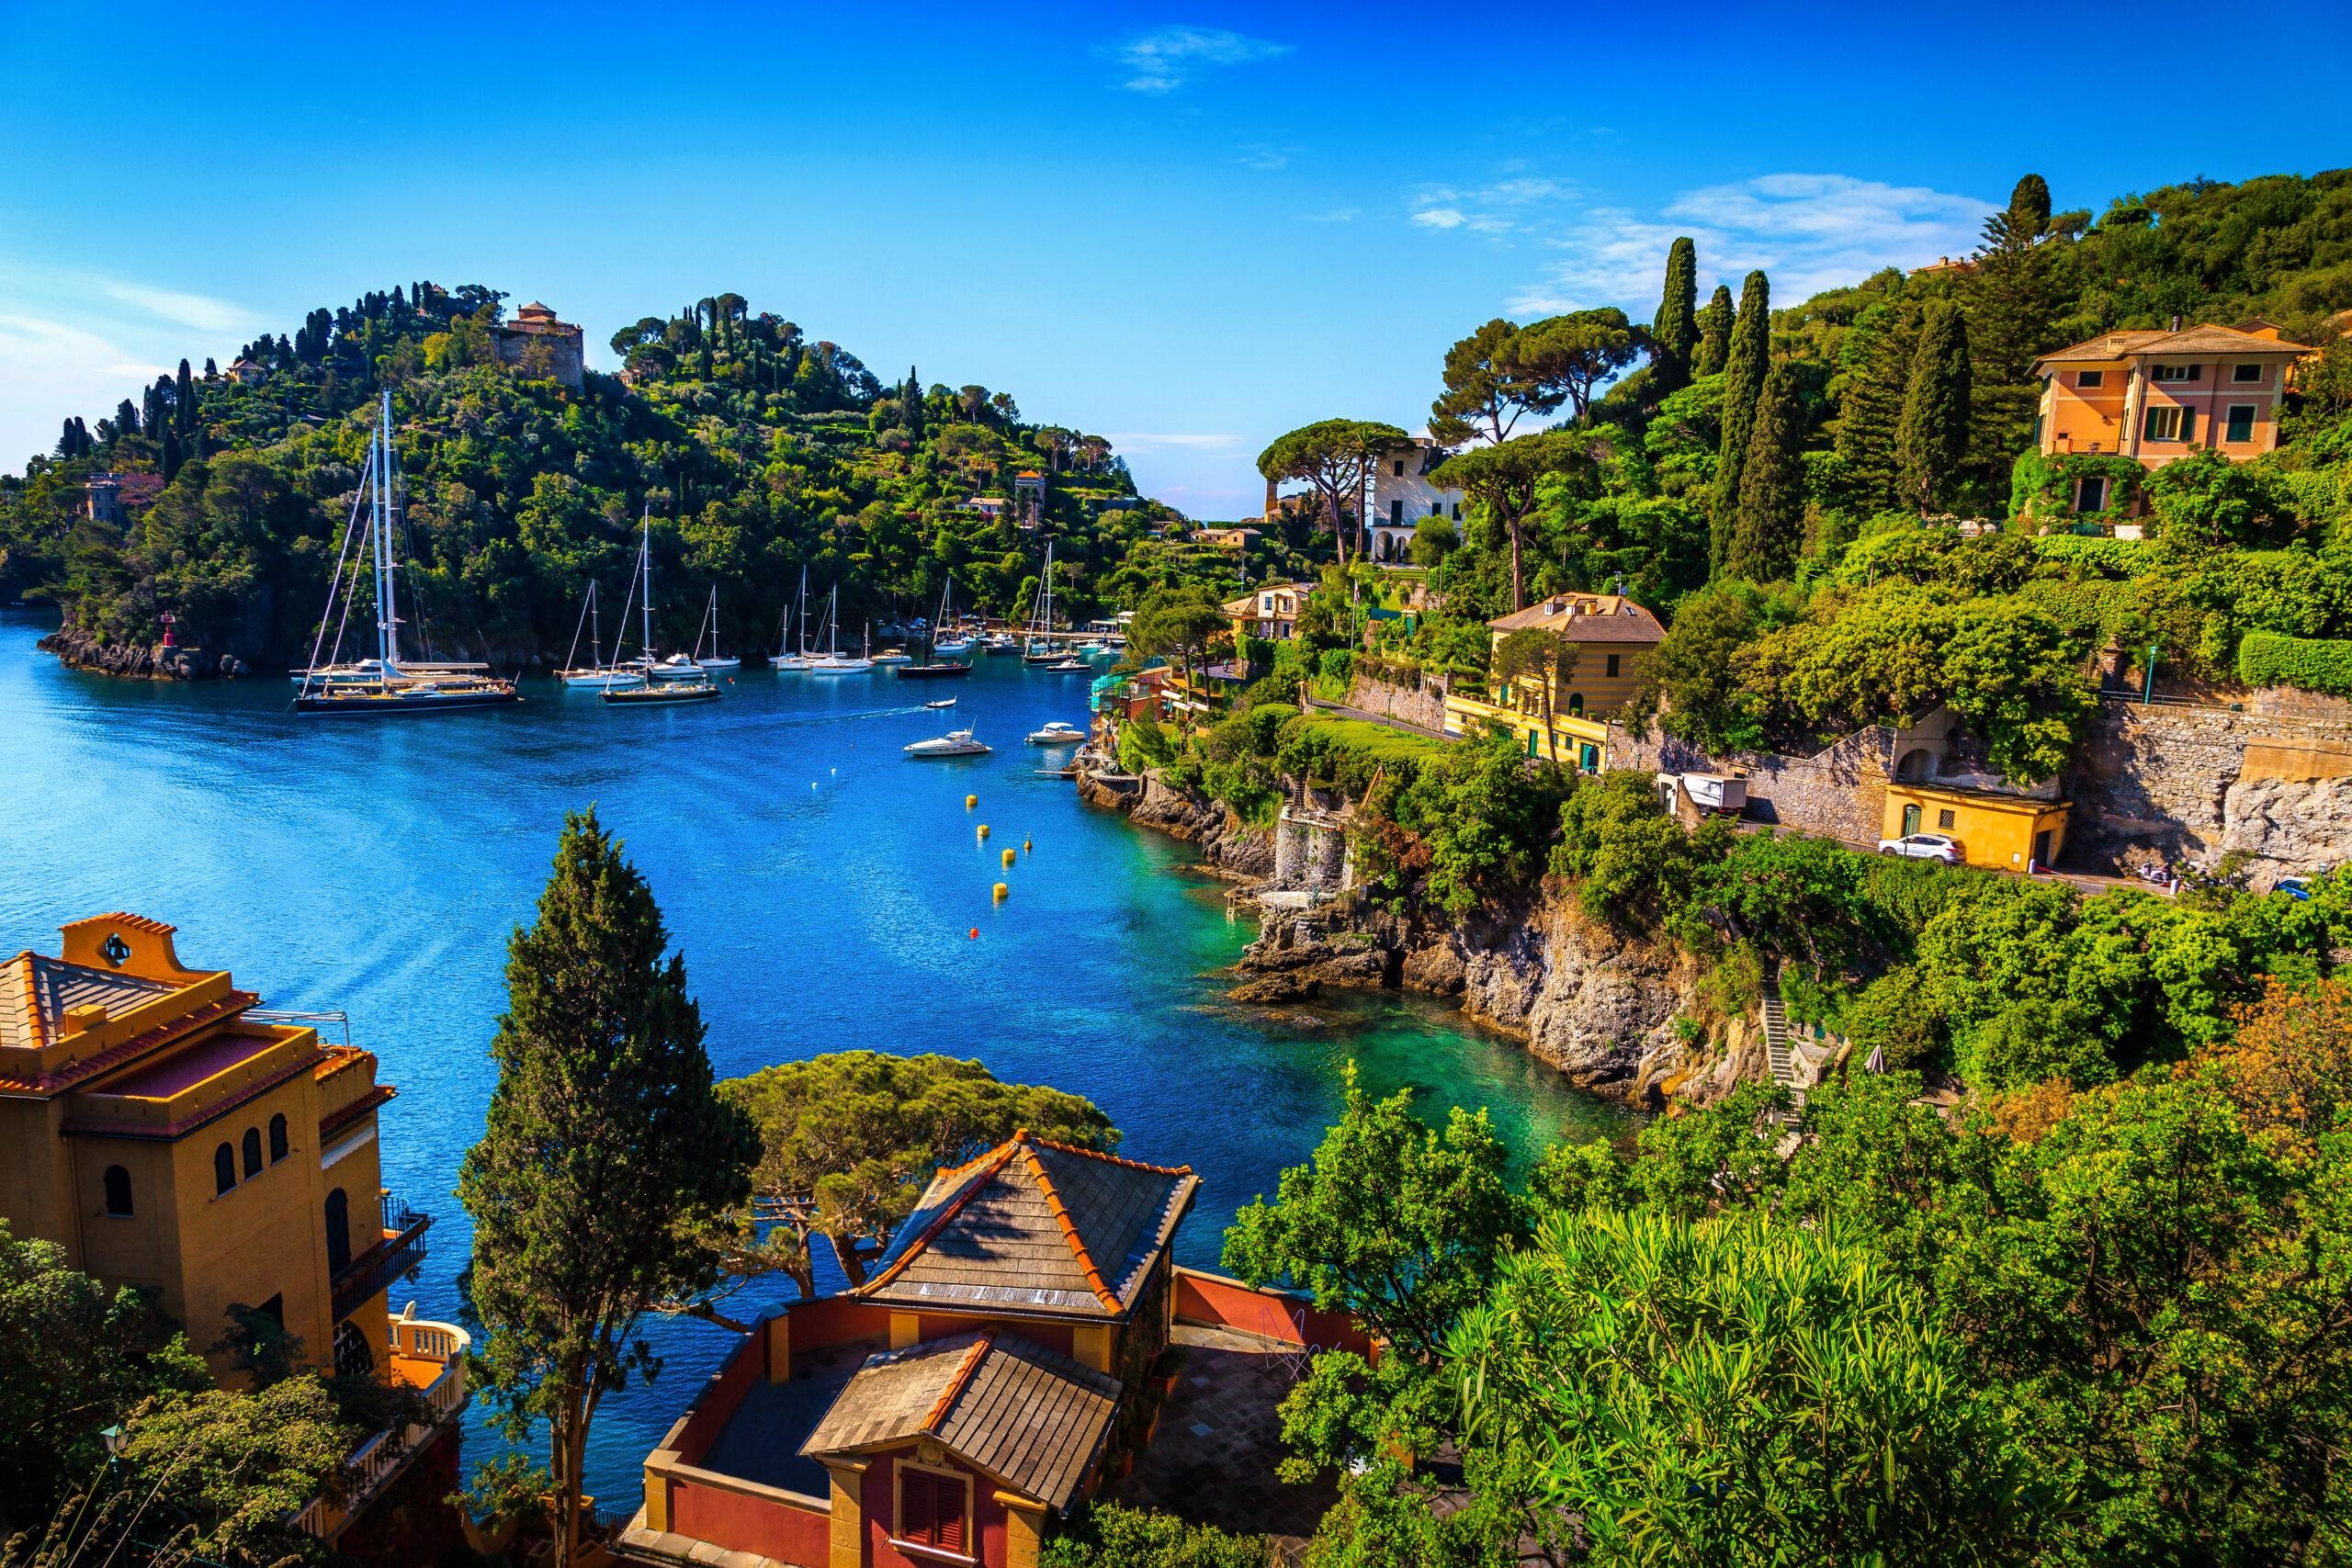 Słynna zatoka z kolorowymi śródziemnomorskimi budynkami i spektakularnym kurortem wakacyjnym, Portofino, Liguria, Włochy, Europa - ciekawe miejsca w Ligurii